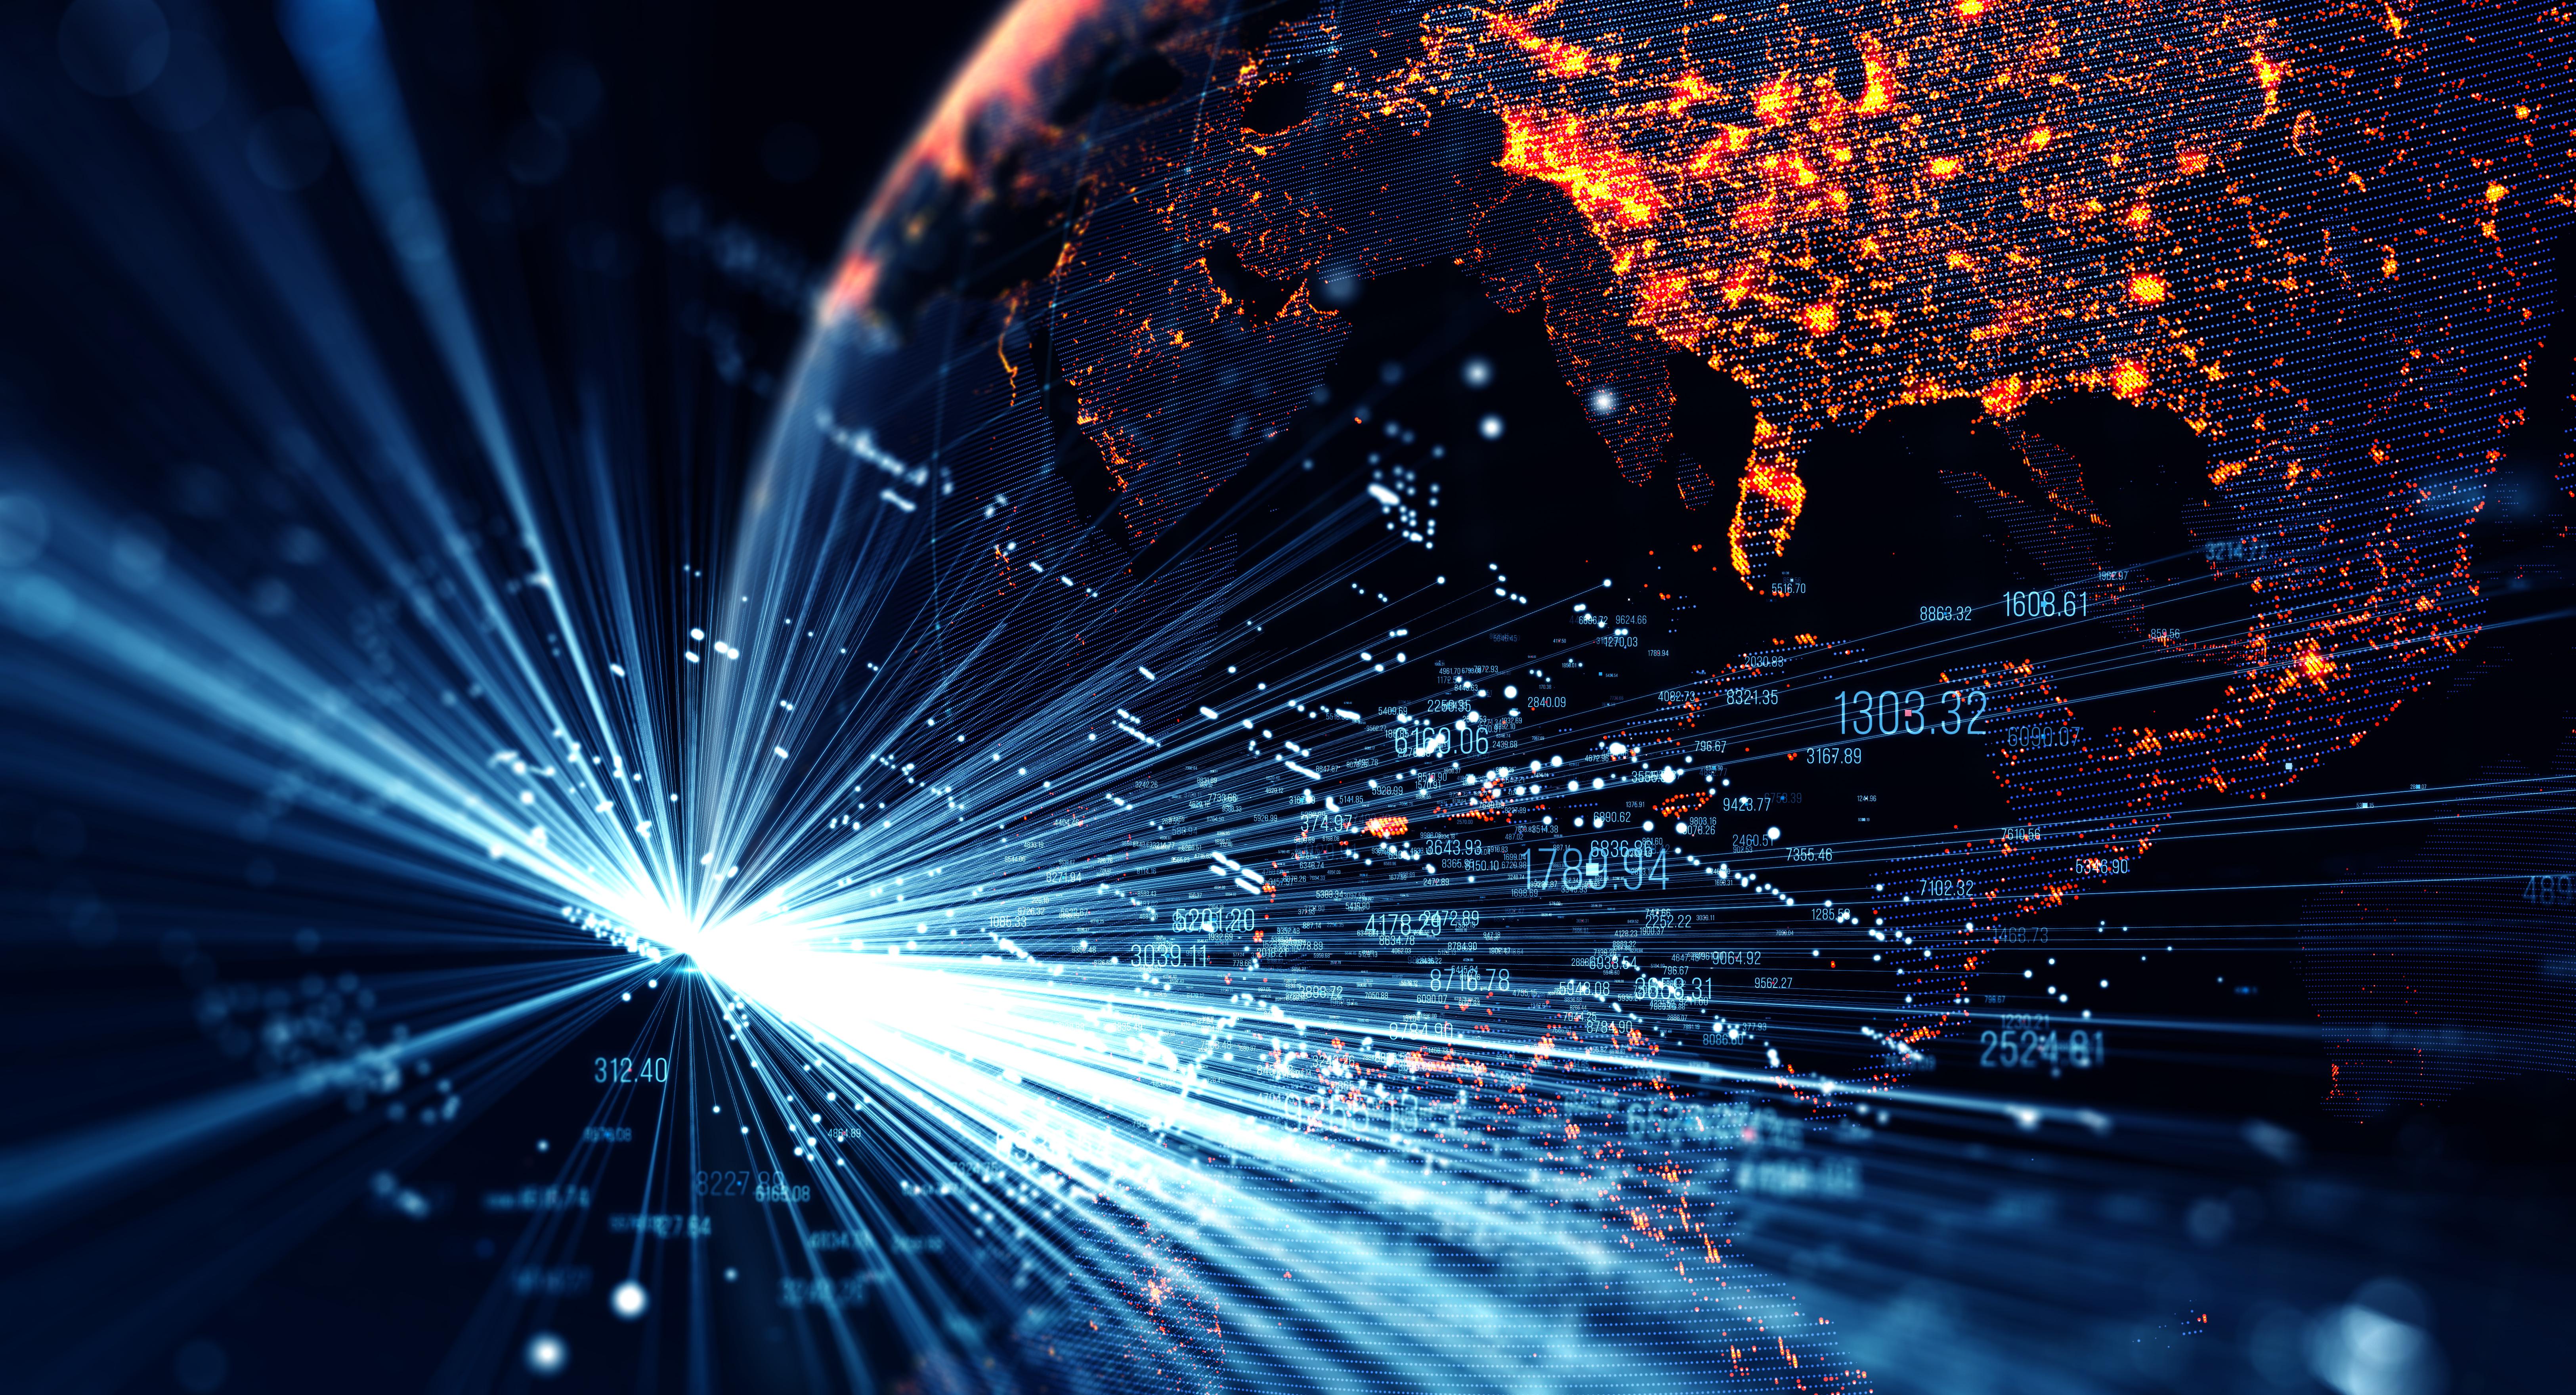 Verbindungslinien über Erdkugel als Symbol für den Hype um Blockchain in der Finanzwelt